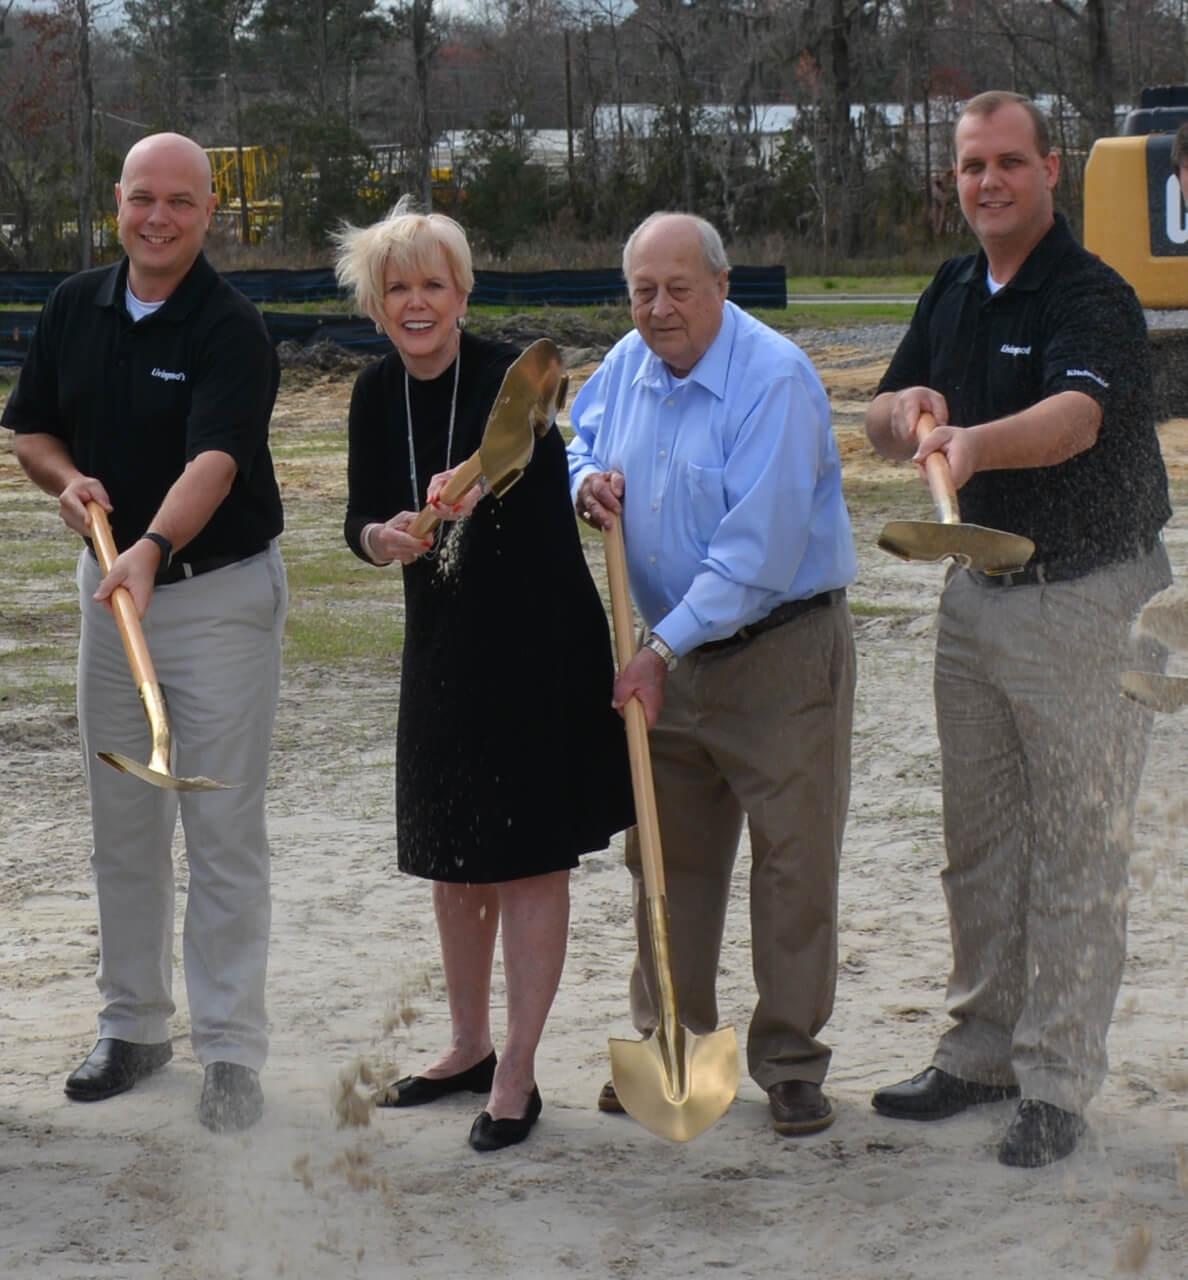 Livingoods : The Dewitt Tilton Group Breaks Ground on New Livingood's ...